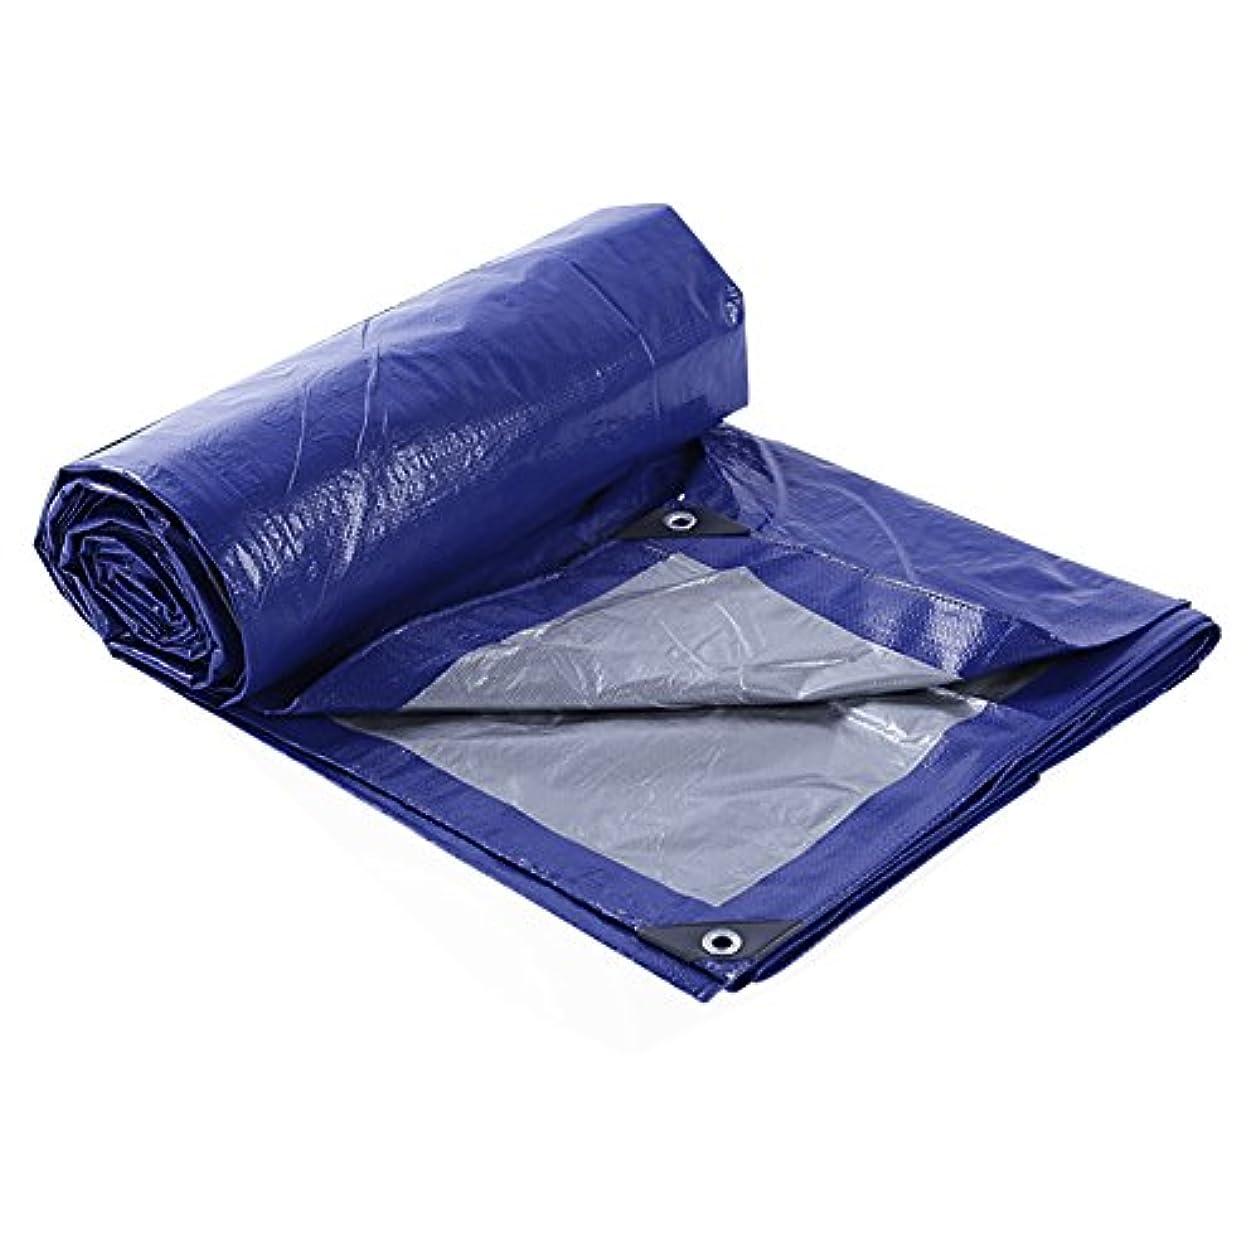 薬用びん父方のZHANWEI ターポリンタープ 防水 シェード アンチUV 軽量 レインプルーフ 布 にとって キャンプ グラウンドテント、 105g /㎡、 カスタマイズ可能なサイズ (色 : 青, サイズ さいず : 2x3M)